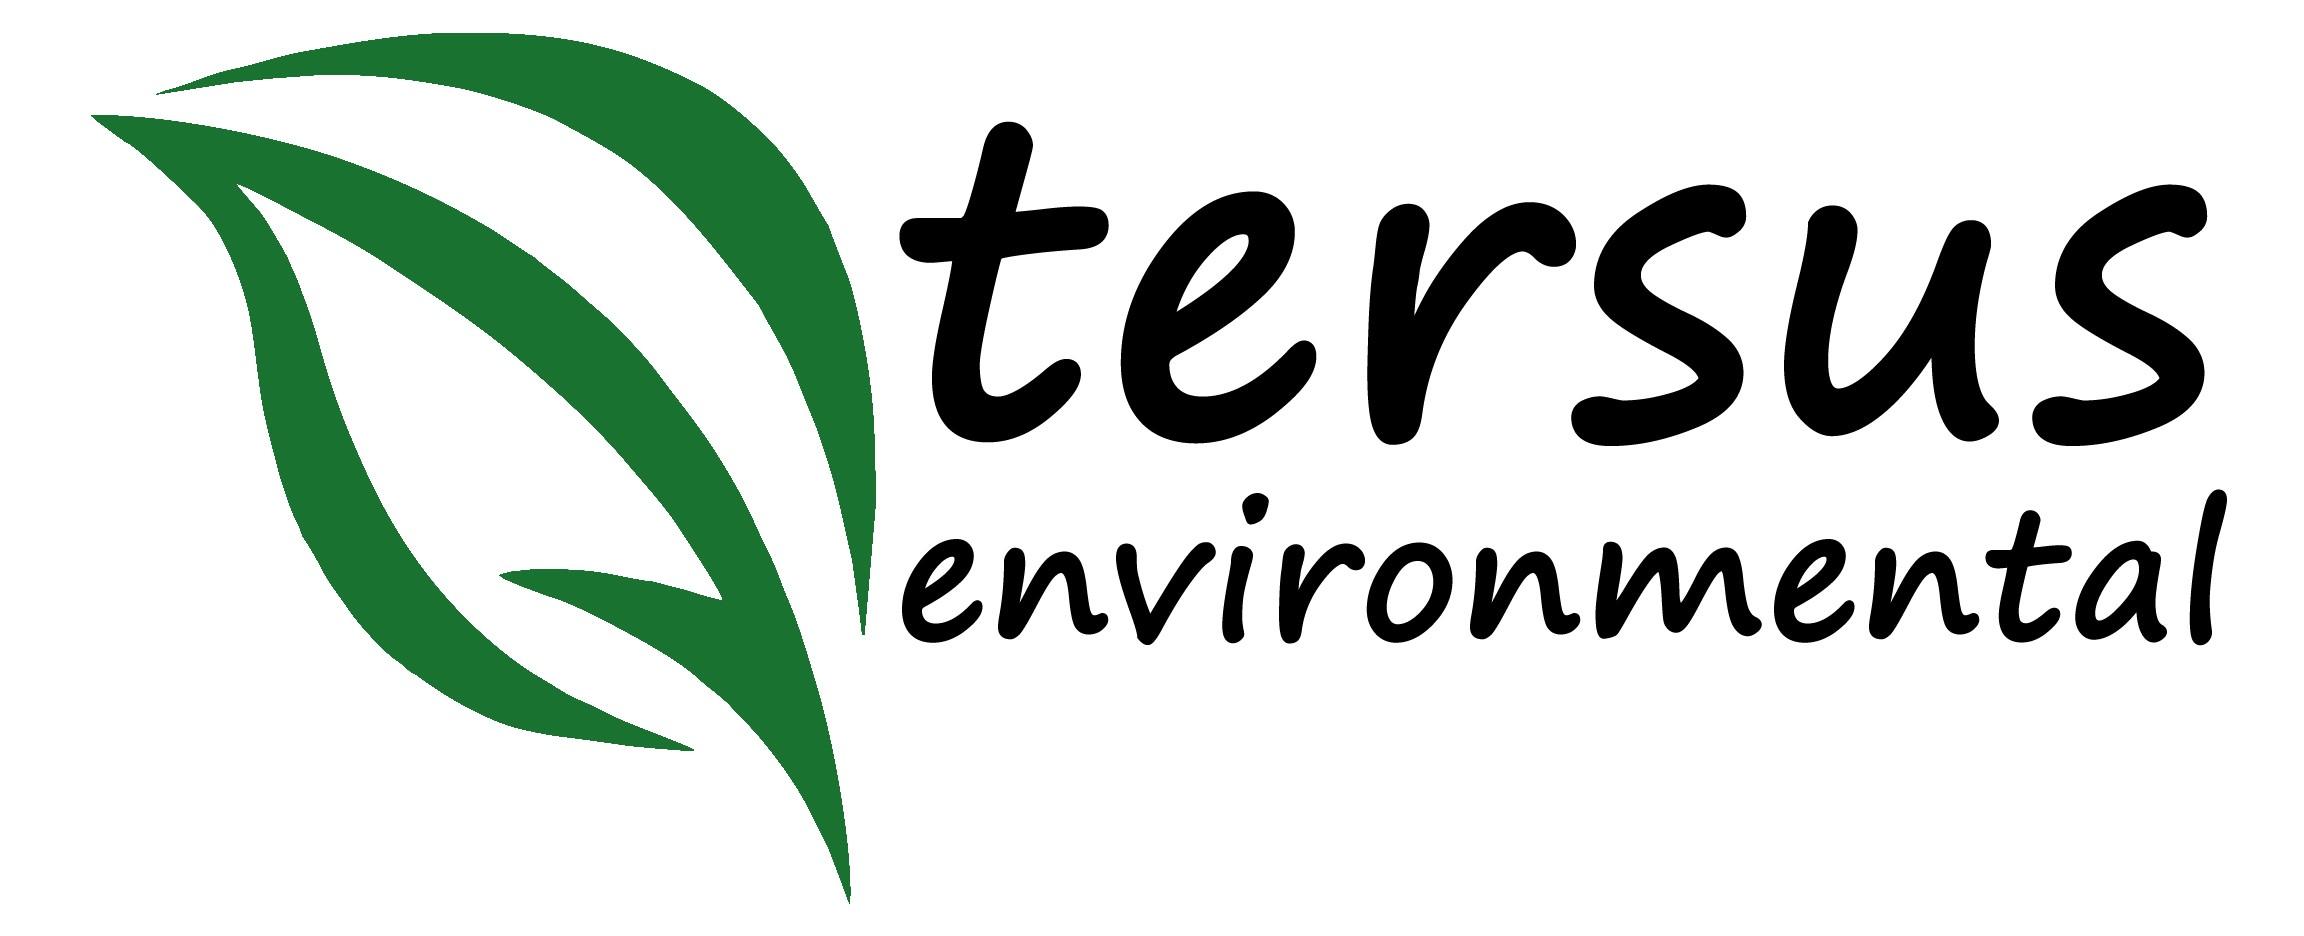 Tersus Environmental